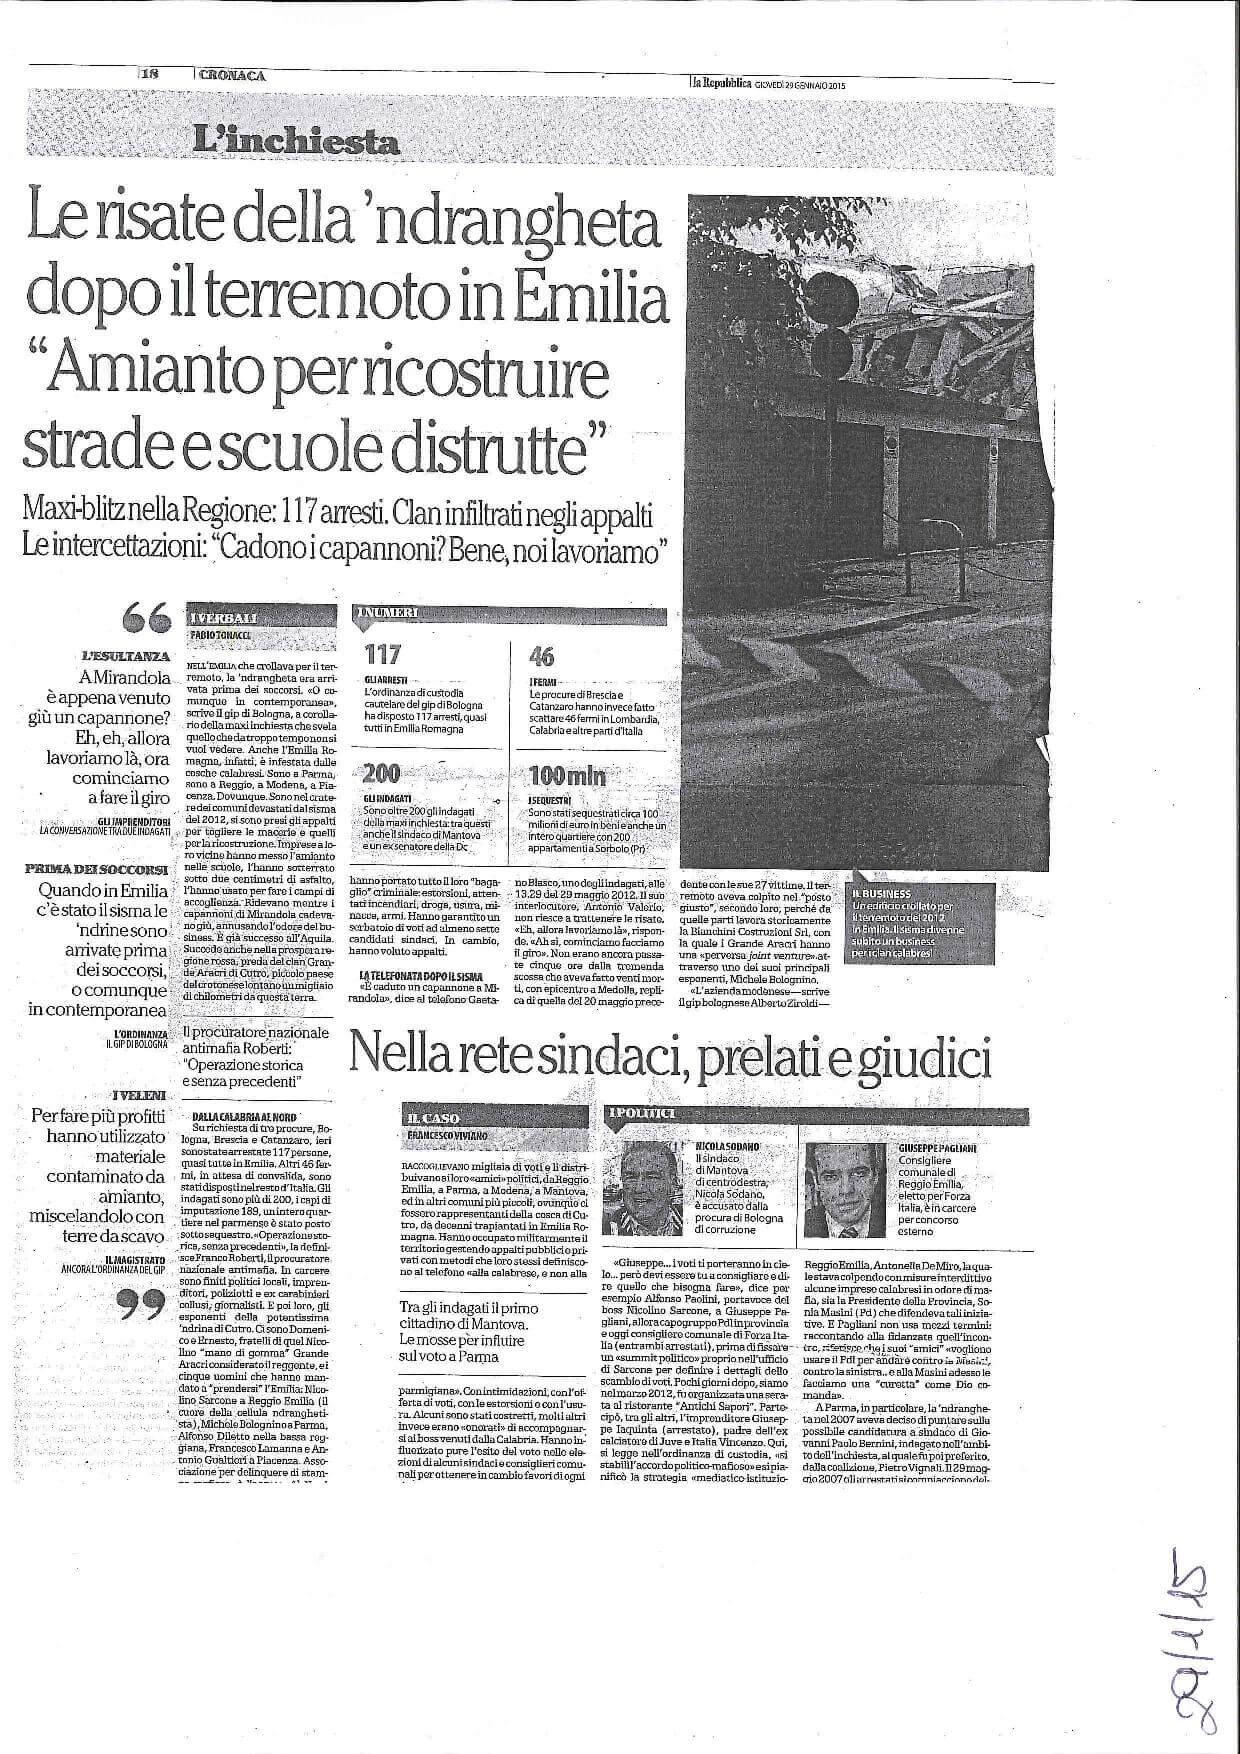 29_1_15_repubblica_p18_troncato-page-001